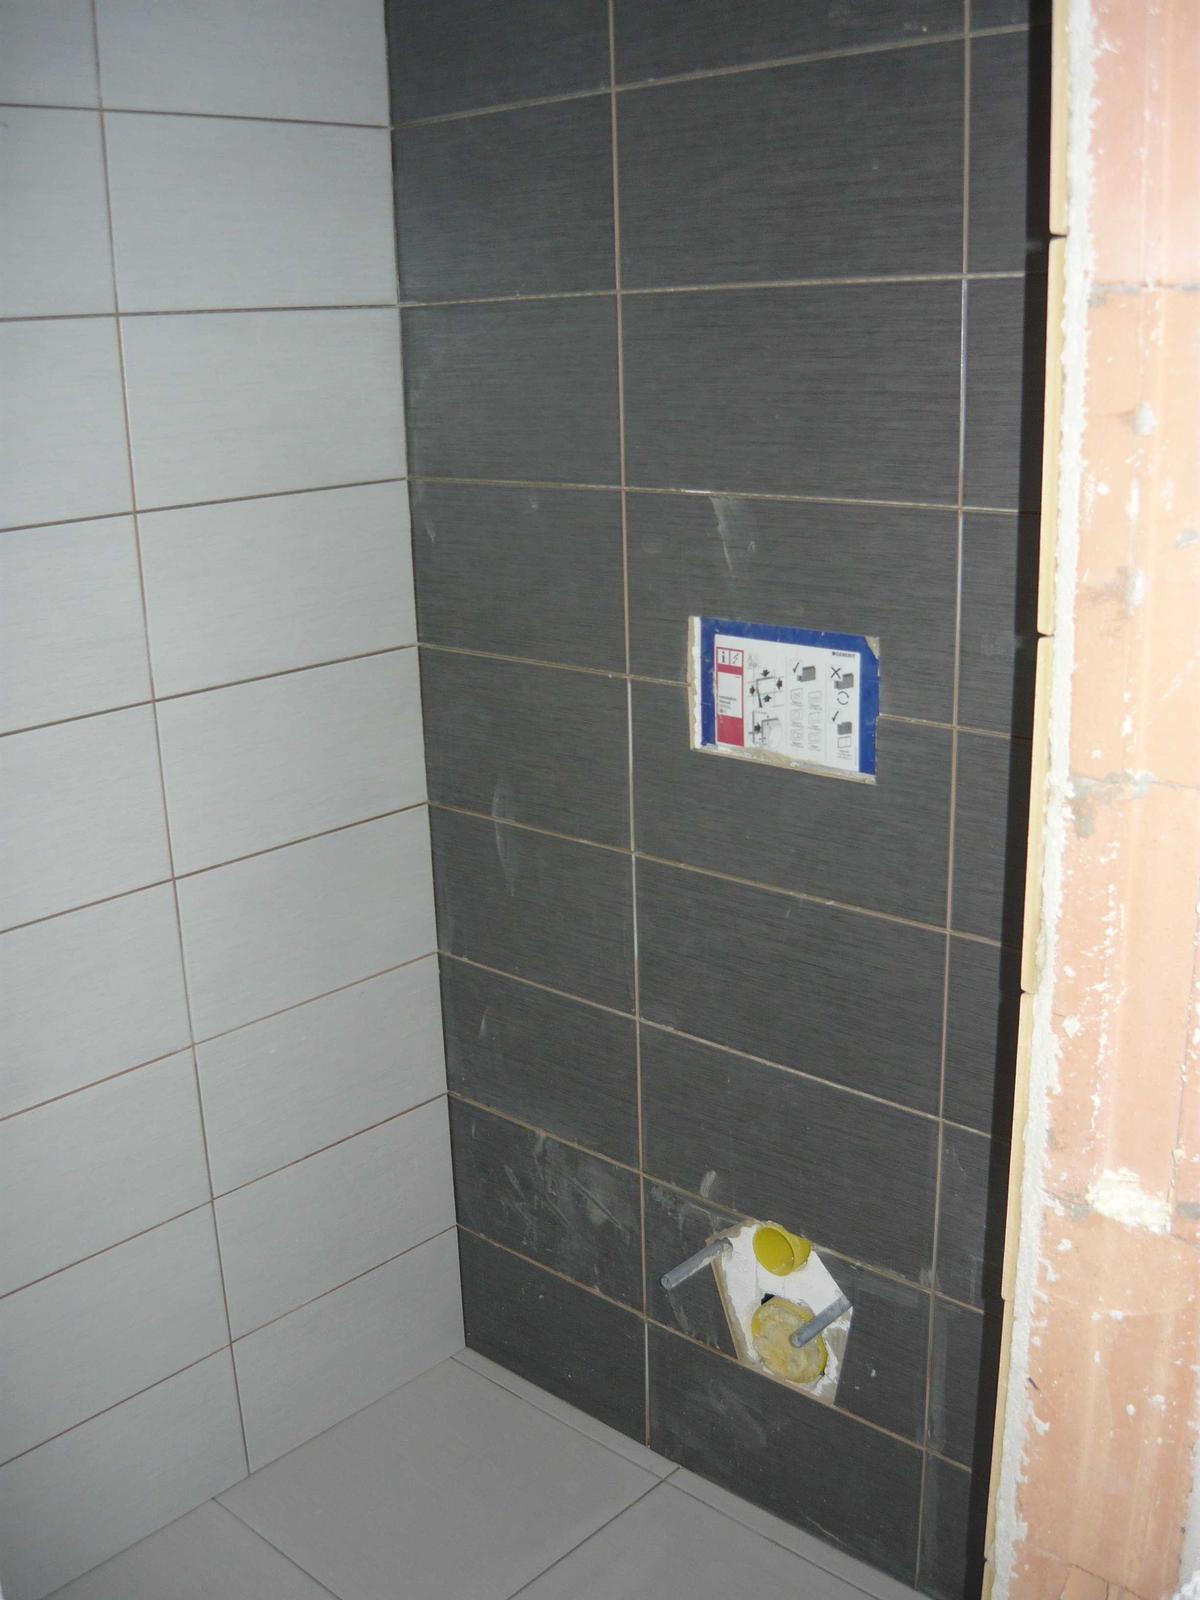 Horni wc, spodní koupelna,... - Obrázek č. 1